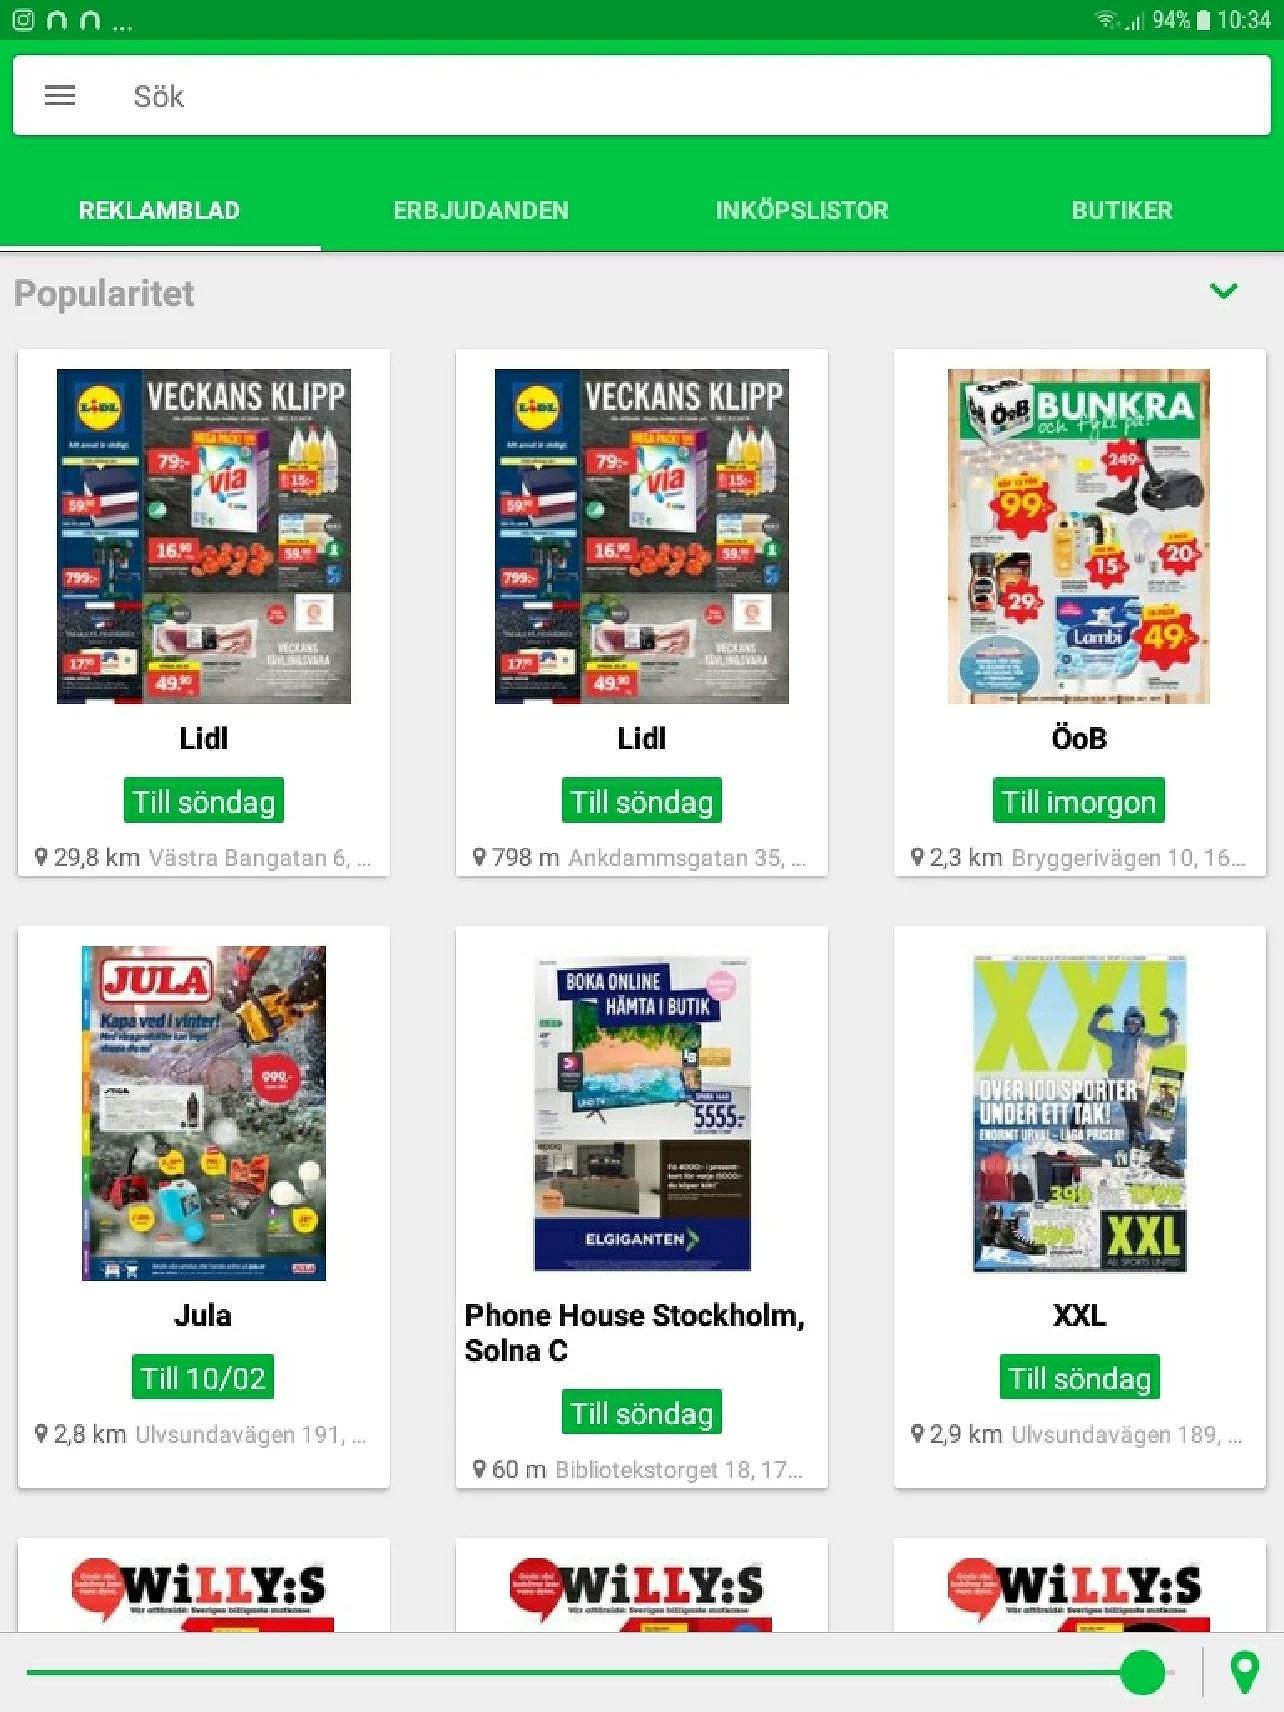 Shopgun en fantastisk app som hjälper oss att spara mycket pengar!